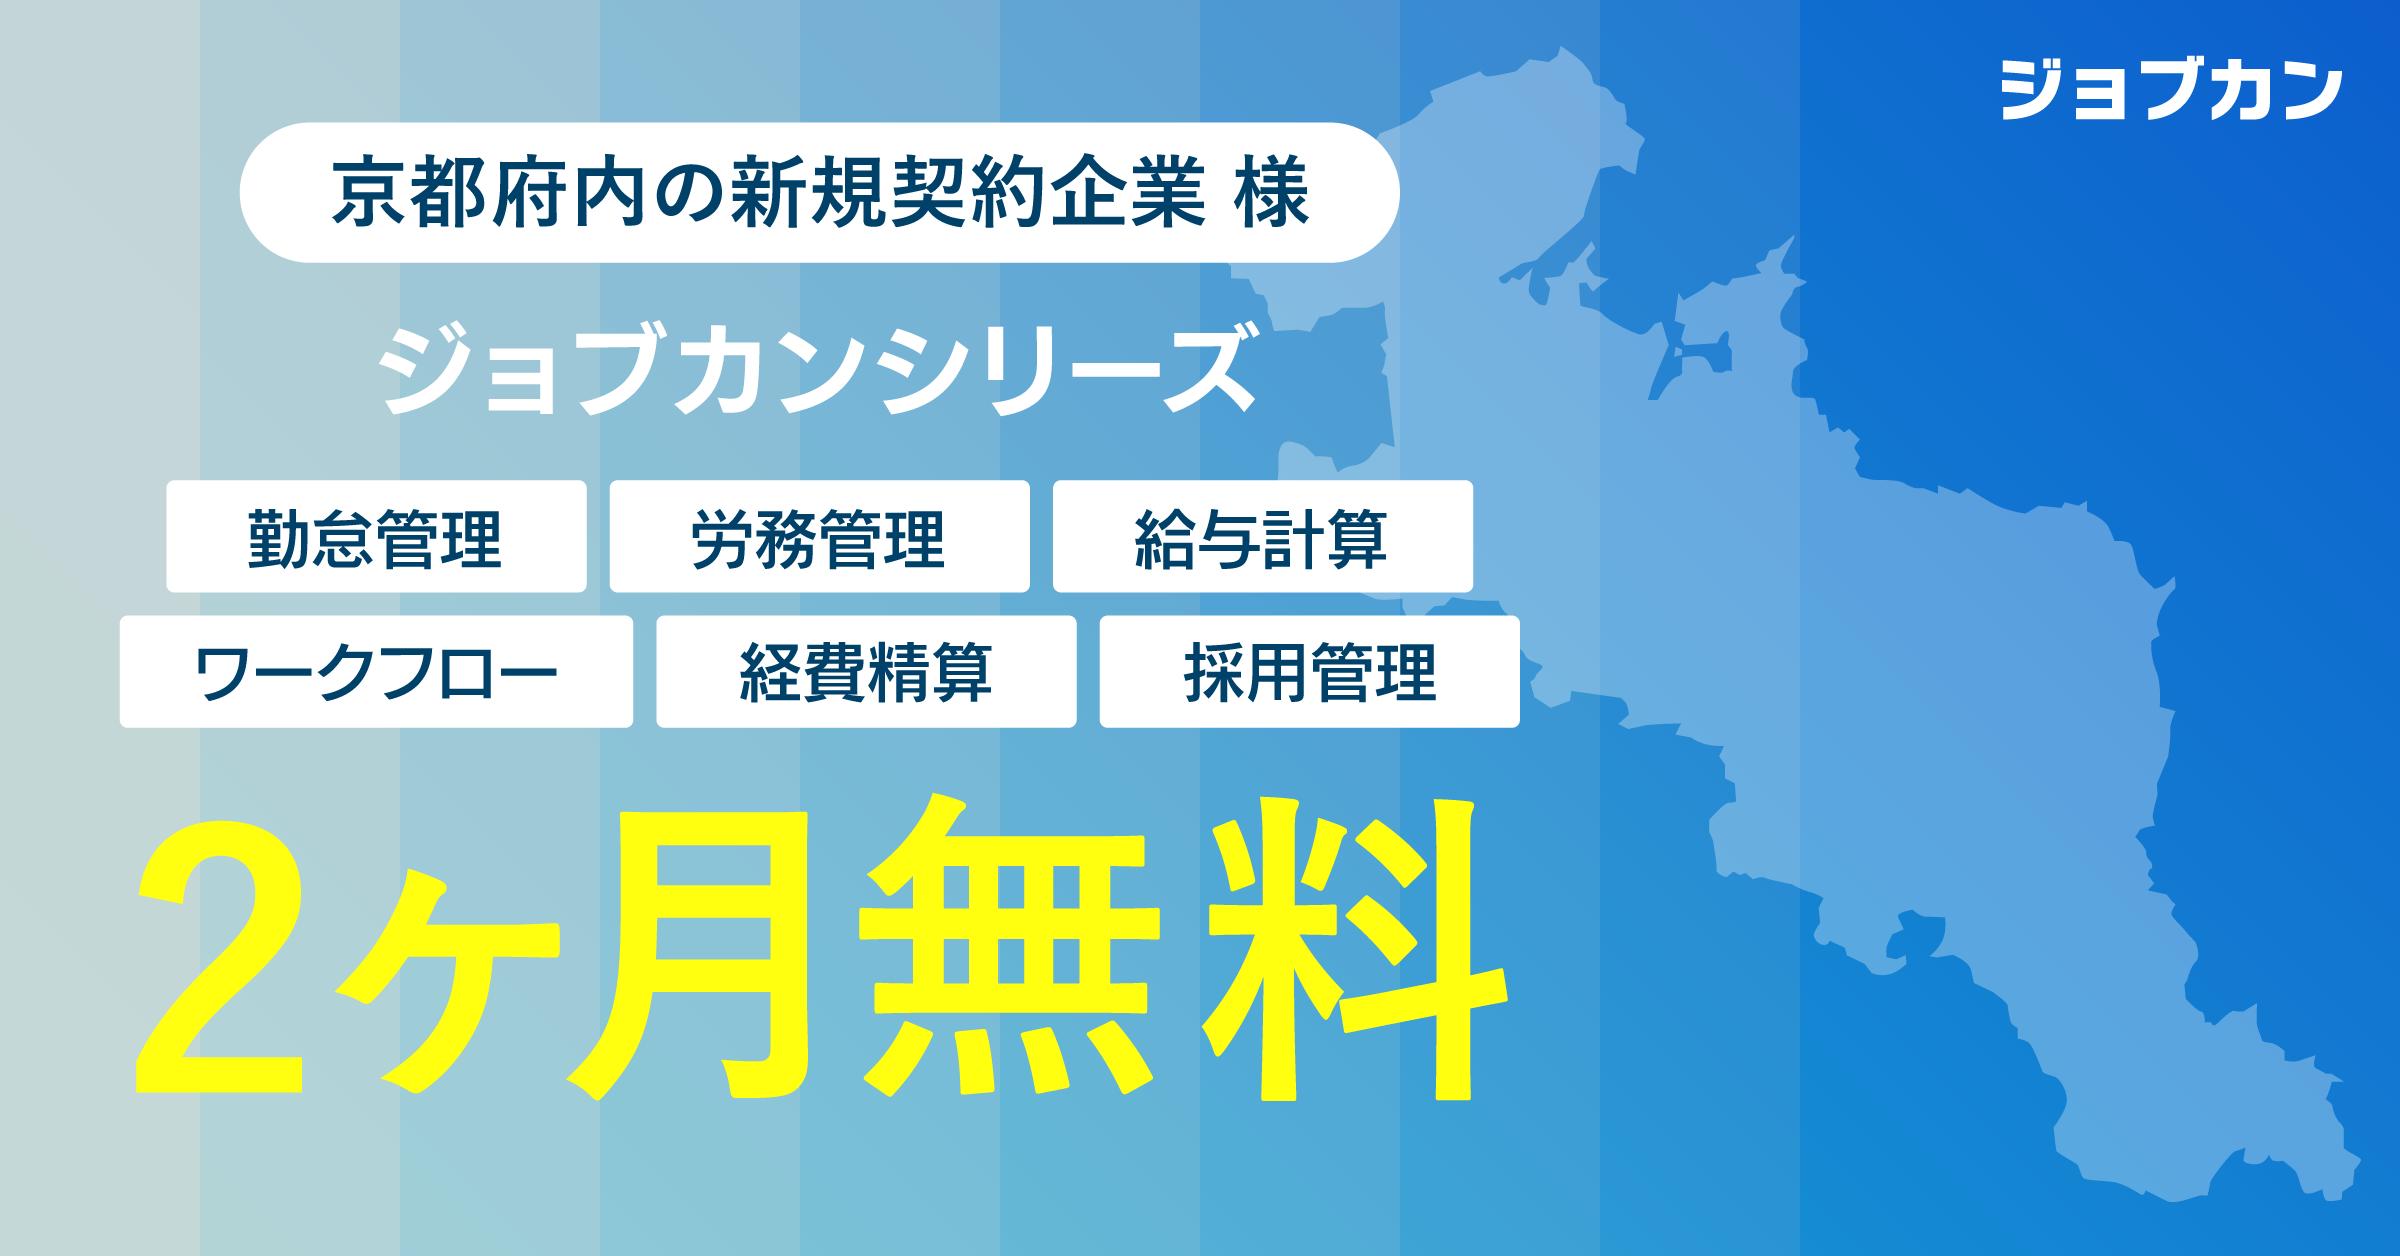 ジョブカン関西営業所が 京都府内企業向け無償プランを提供開始 「ものづくり都市」京都からテレワークを推進。西日本地域のDXを加速